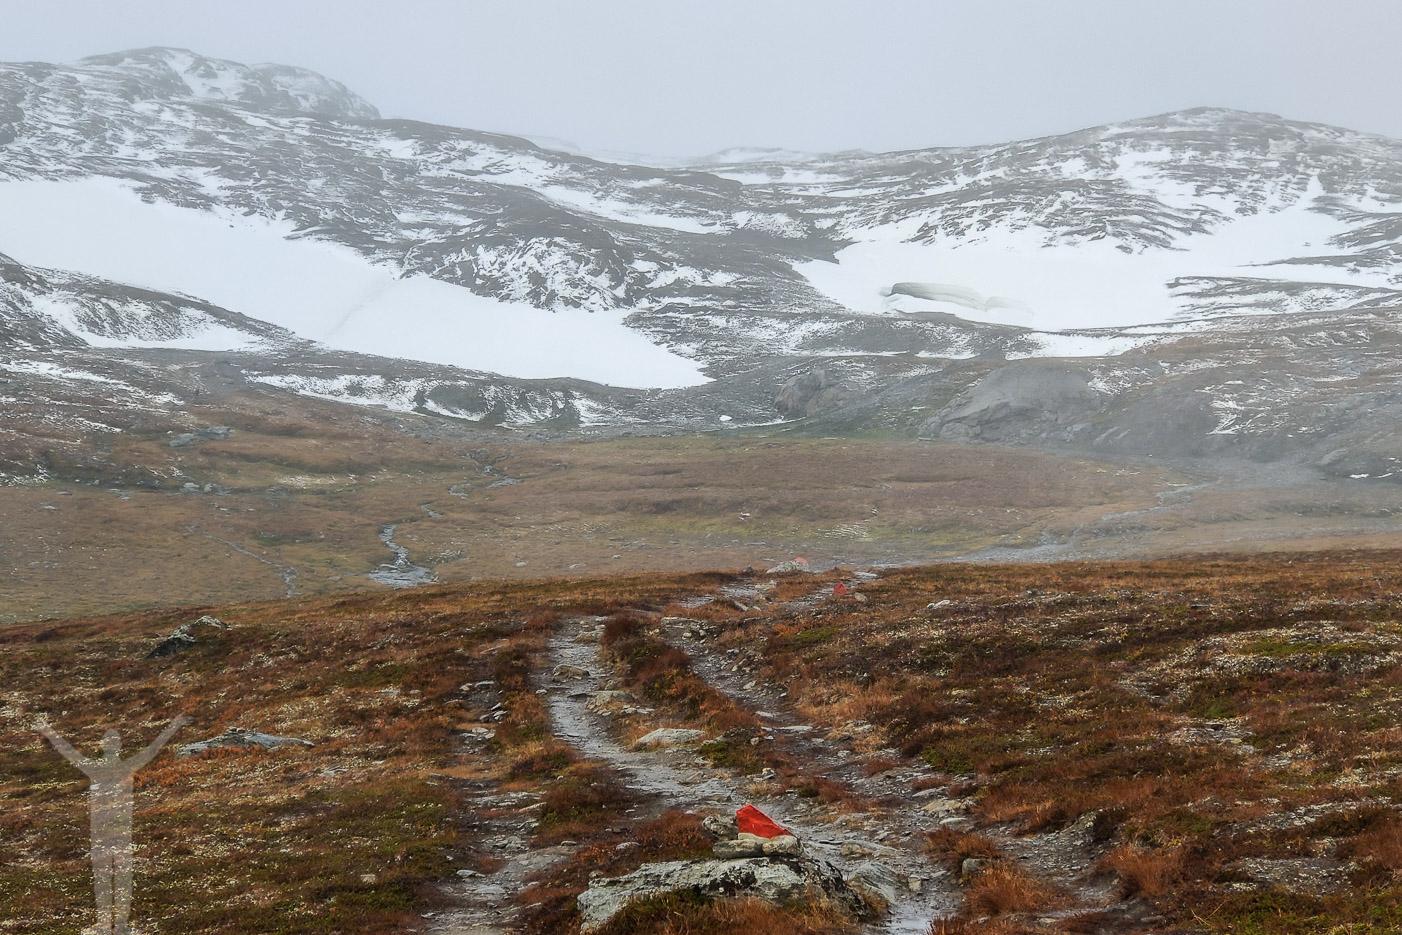 Vandringsled till Låktatjåkko fjällstation